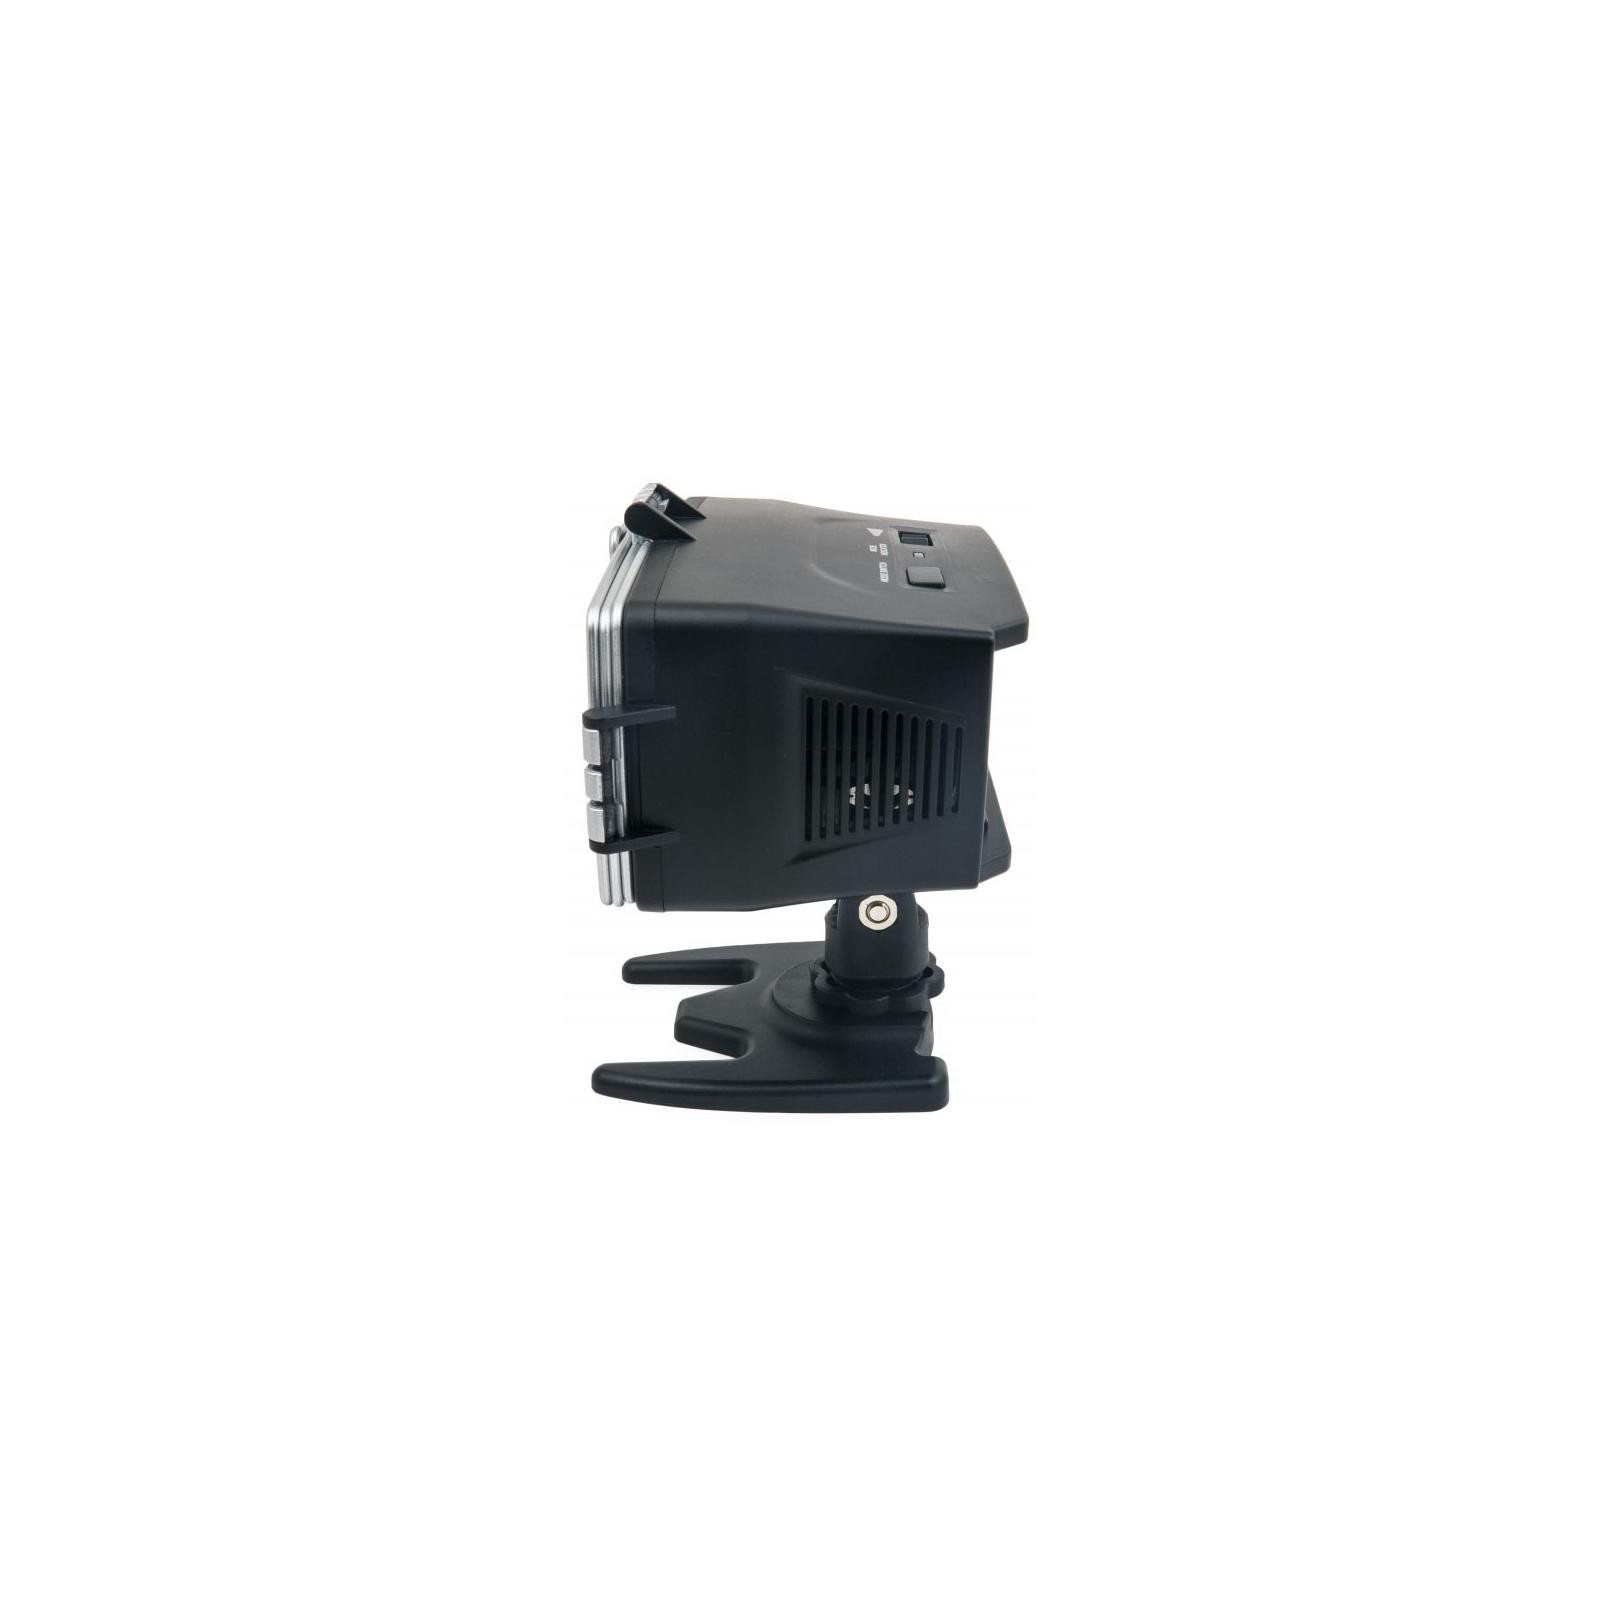 Вспышка EXTRADIGITAL Накамерный свет LED-5028 (LED3207) изображение 6